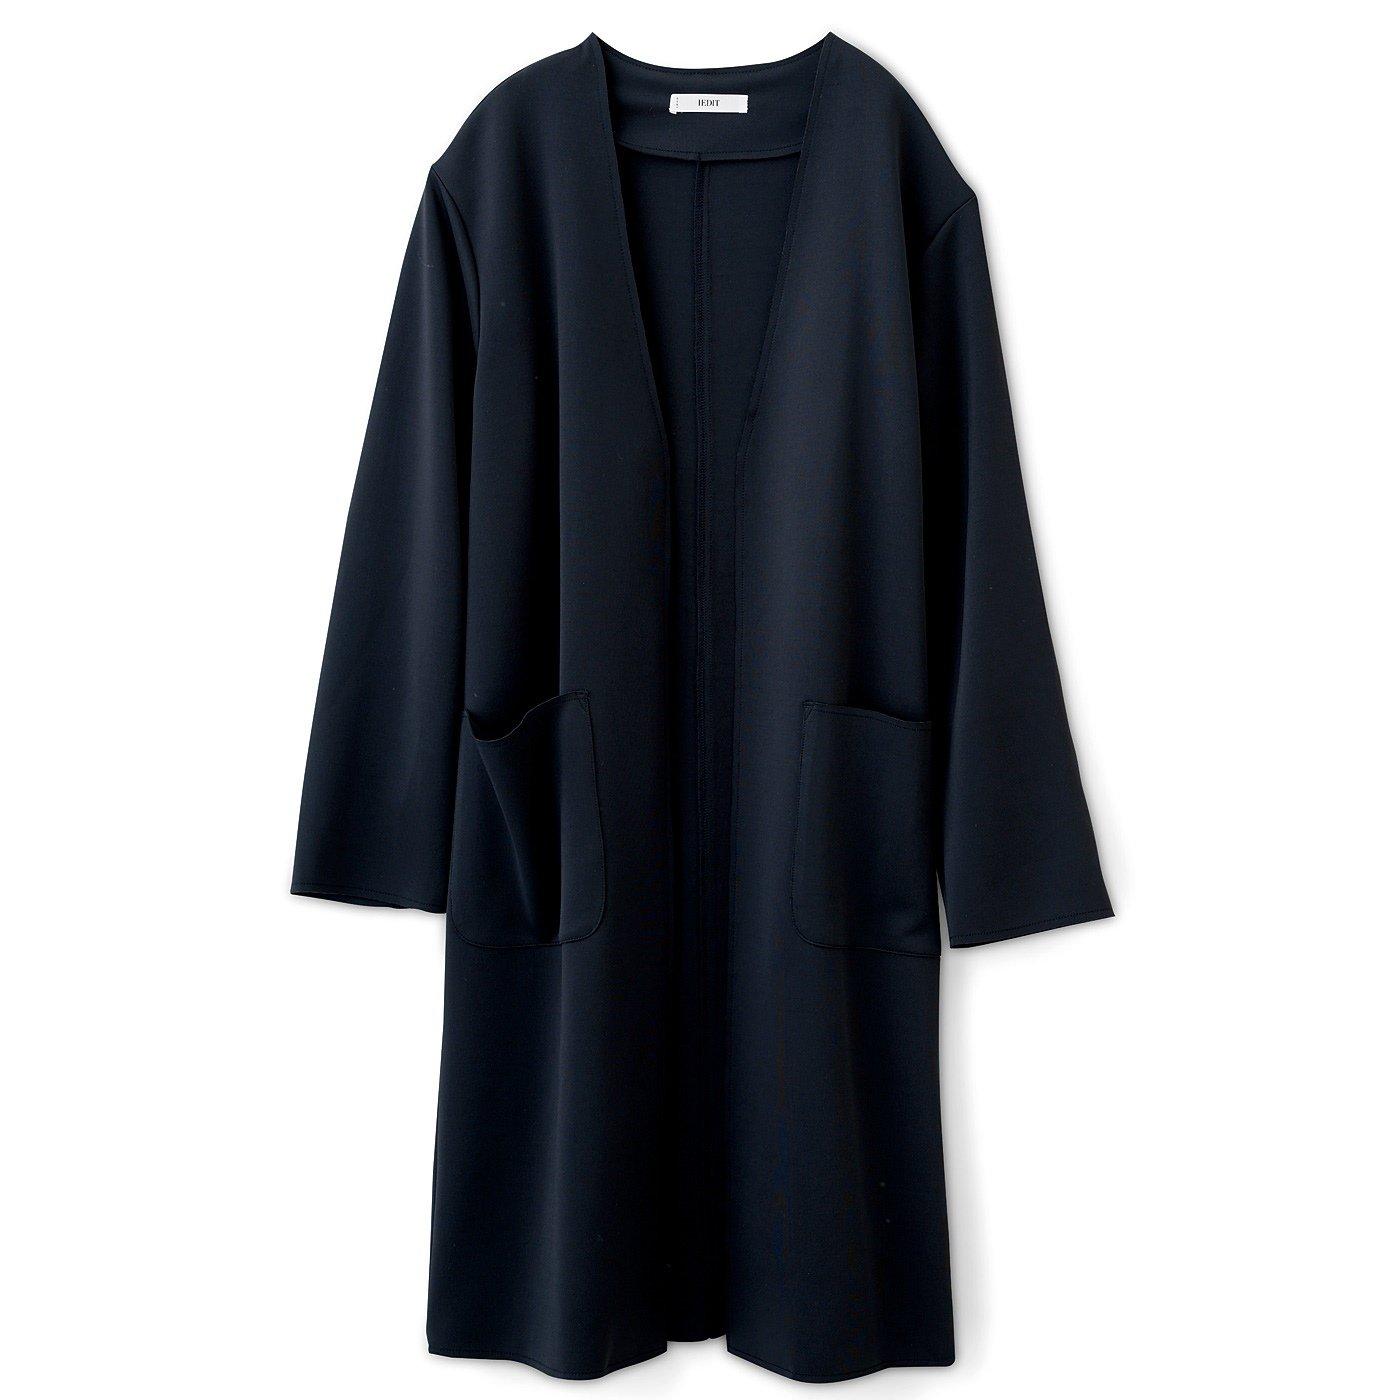 DRECO 艶感が上品なカットソーの軽やかノーカラーコート〈ブラック〉